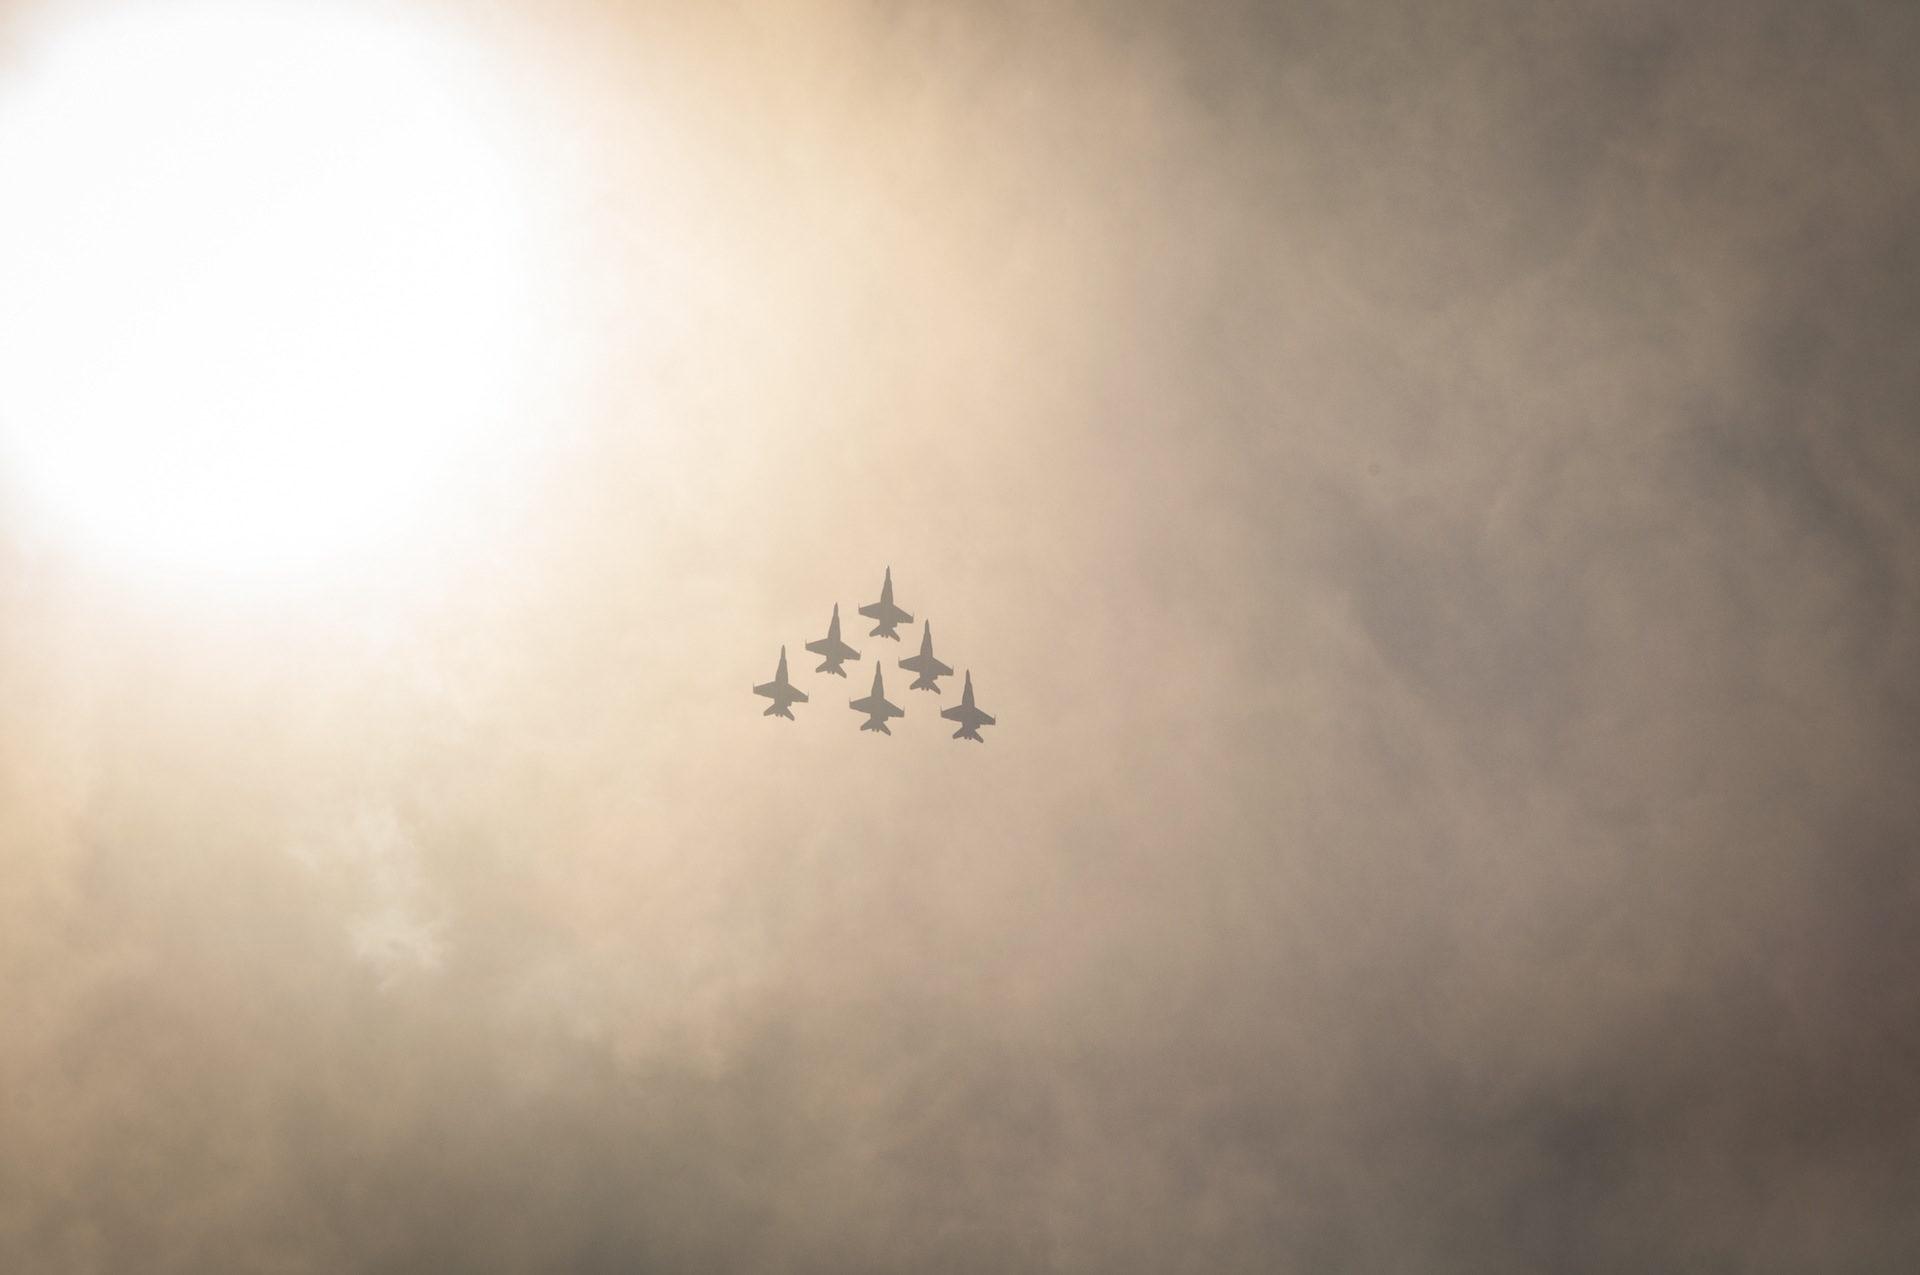 aviões, lutadores, Exército, ar, voar - Papéis de parede HD - Professor-falken.com